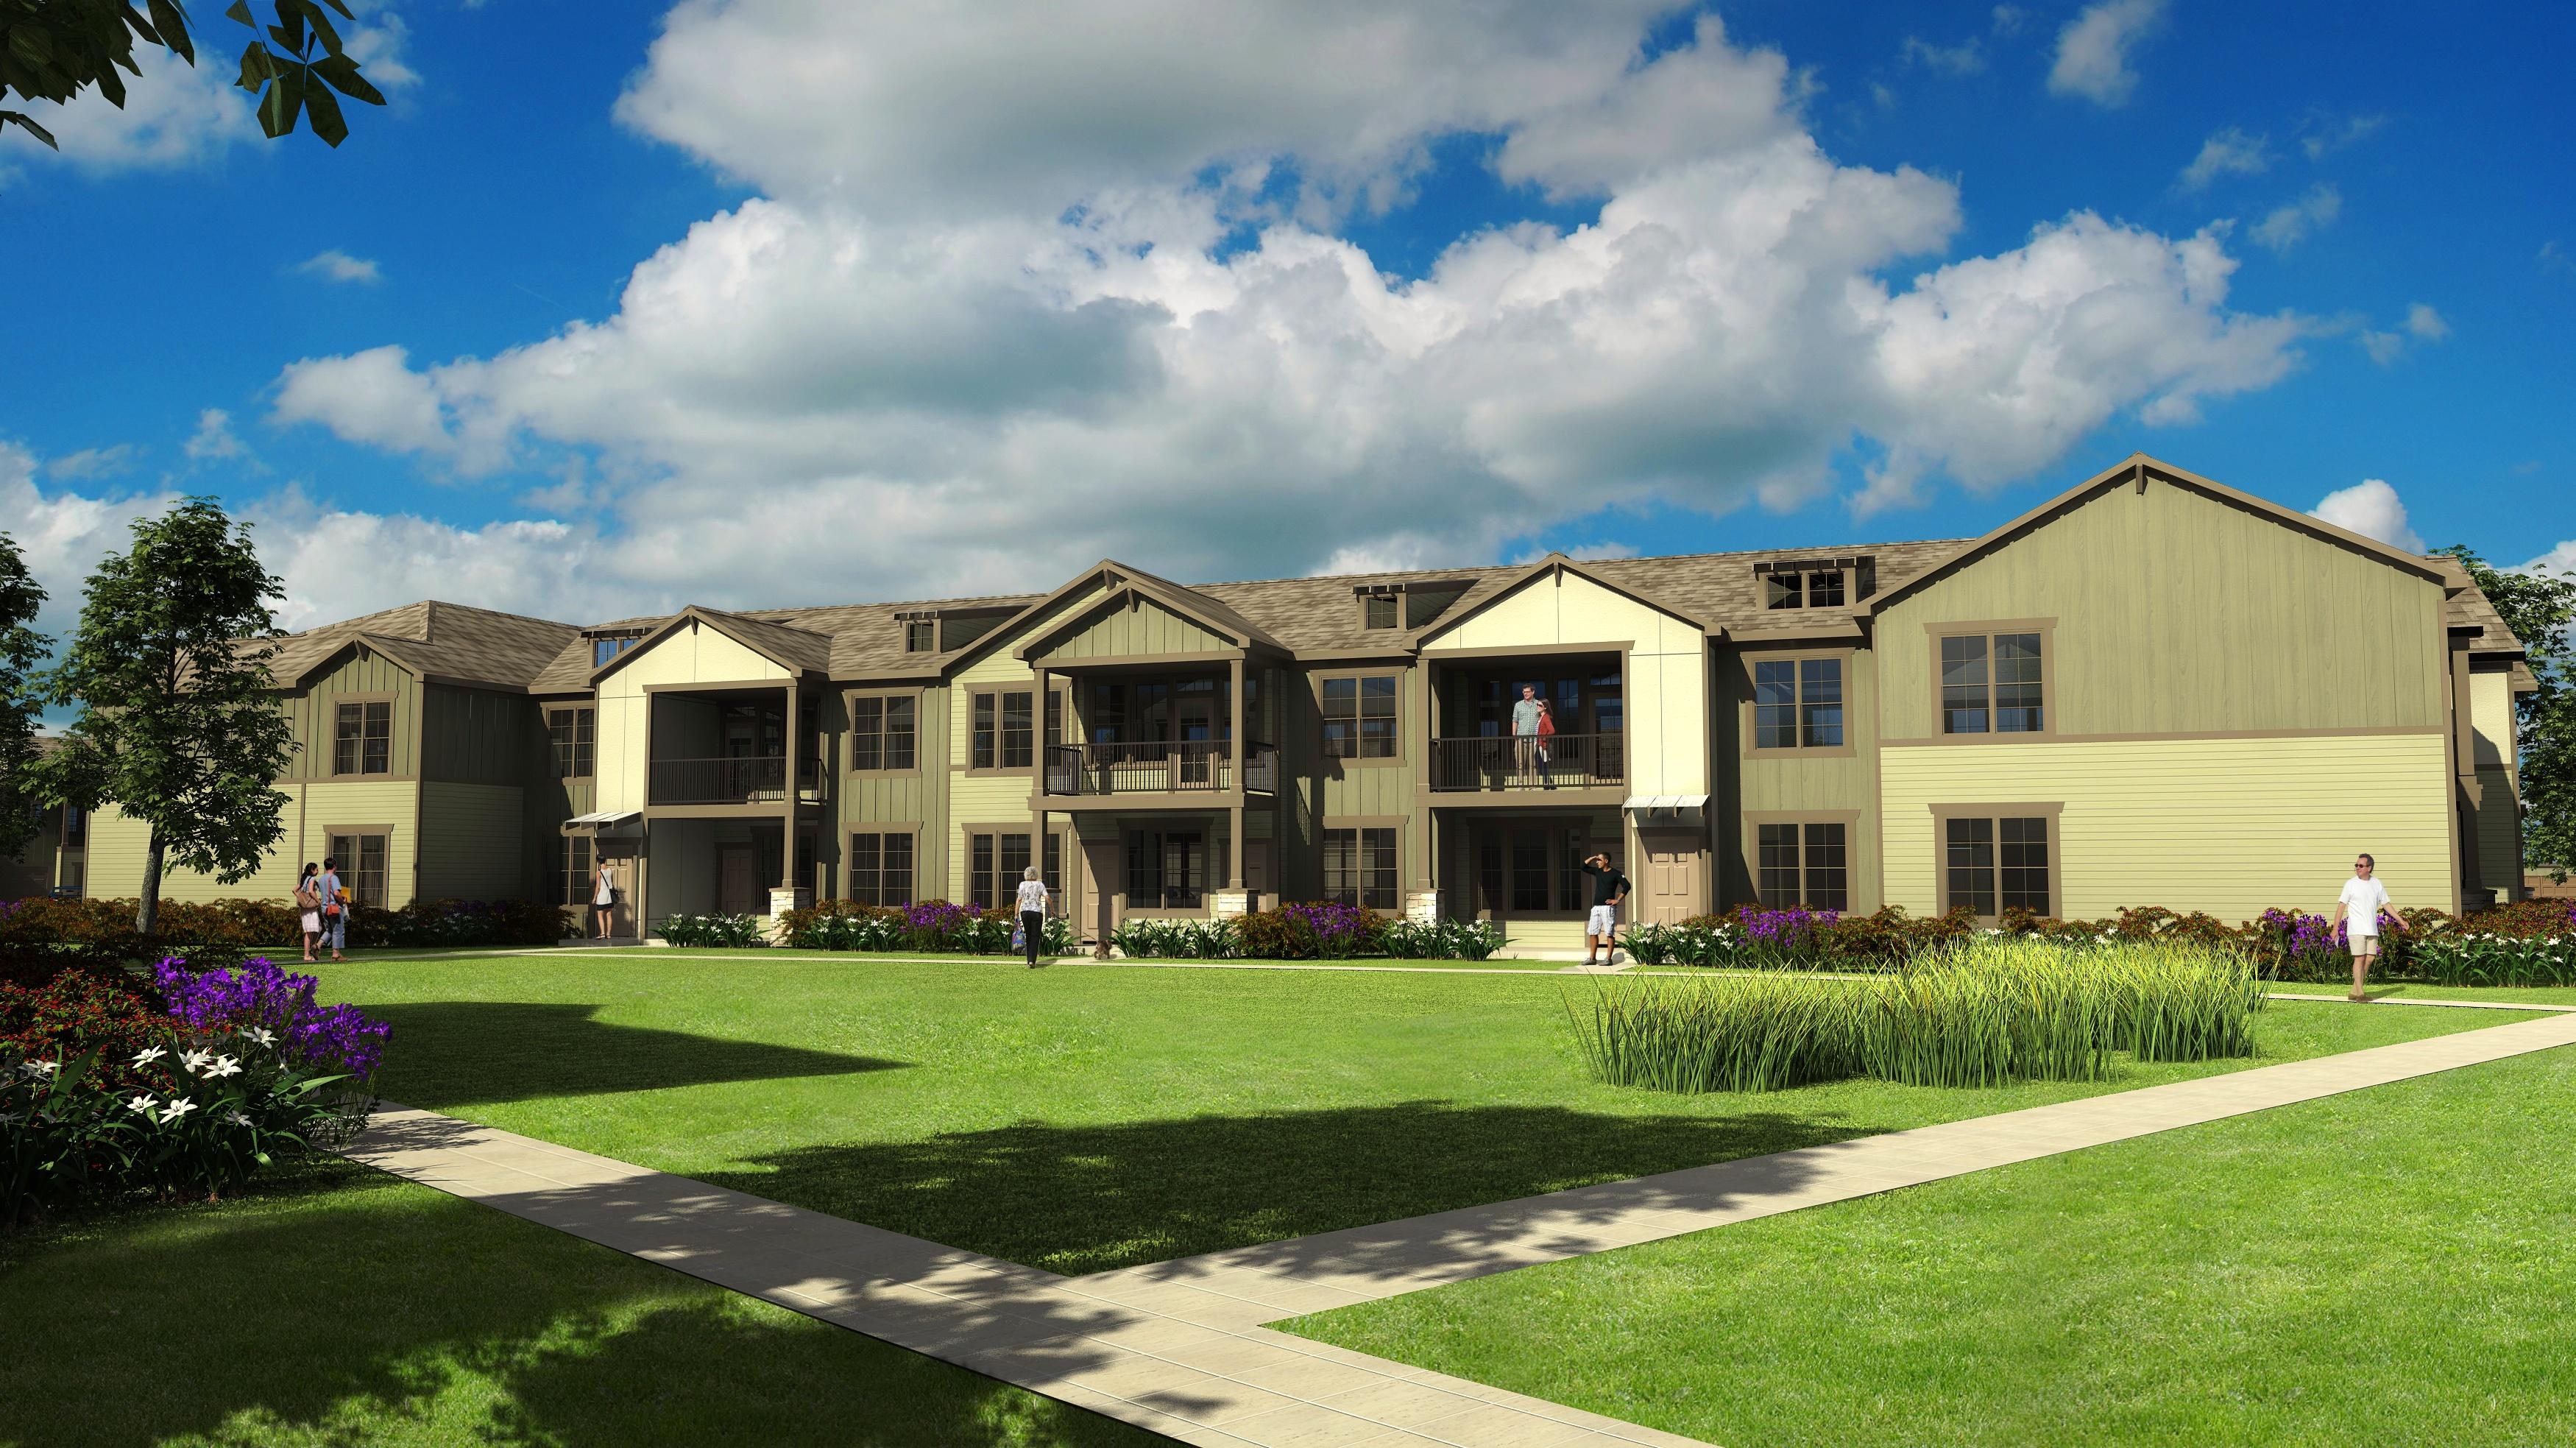 Springs at Kenosha Apartments